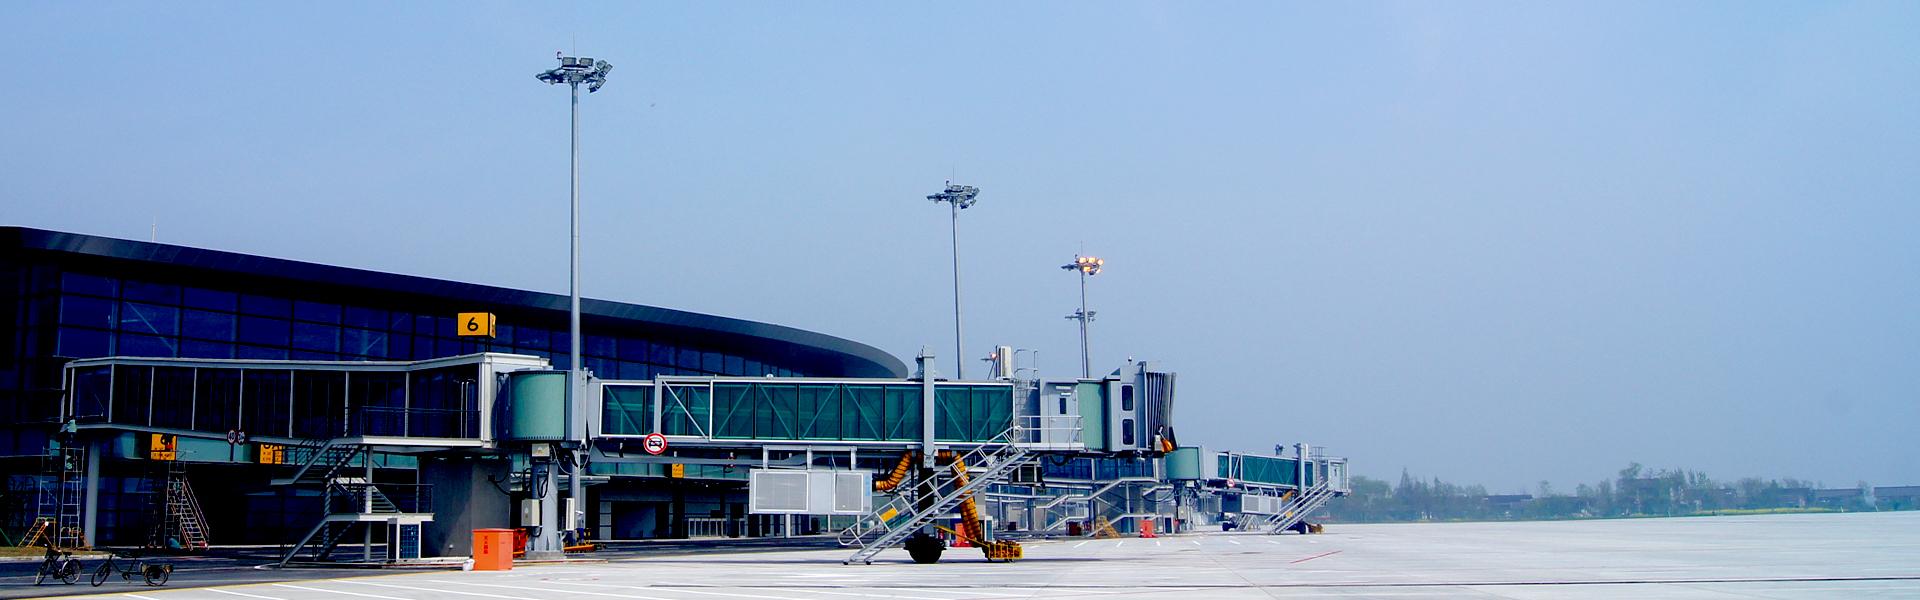 揚州泰州機場高桿燈工程